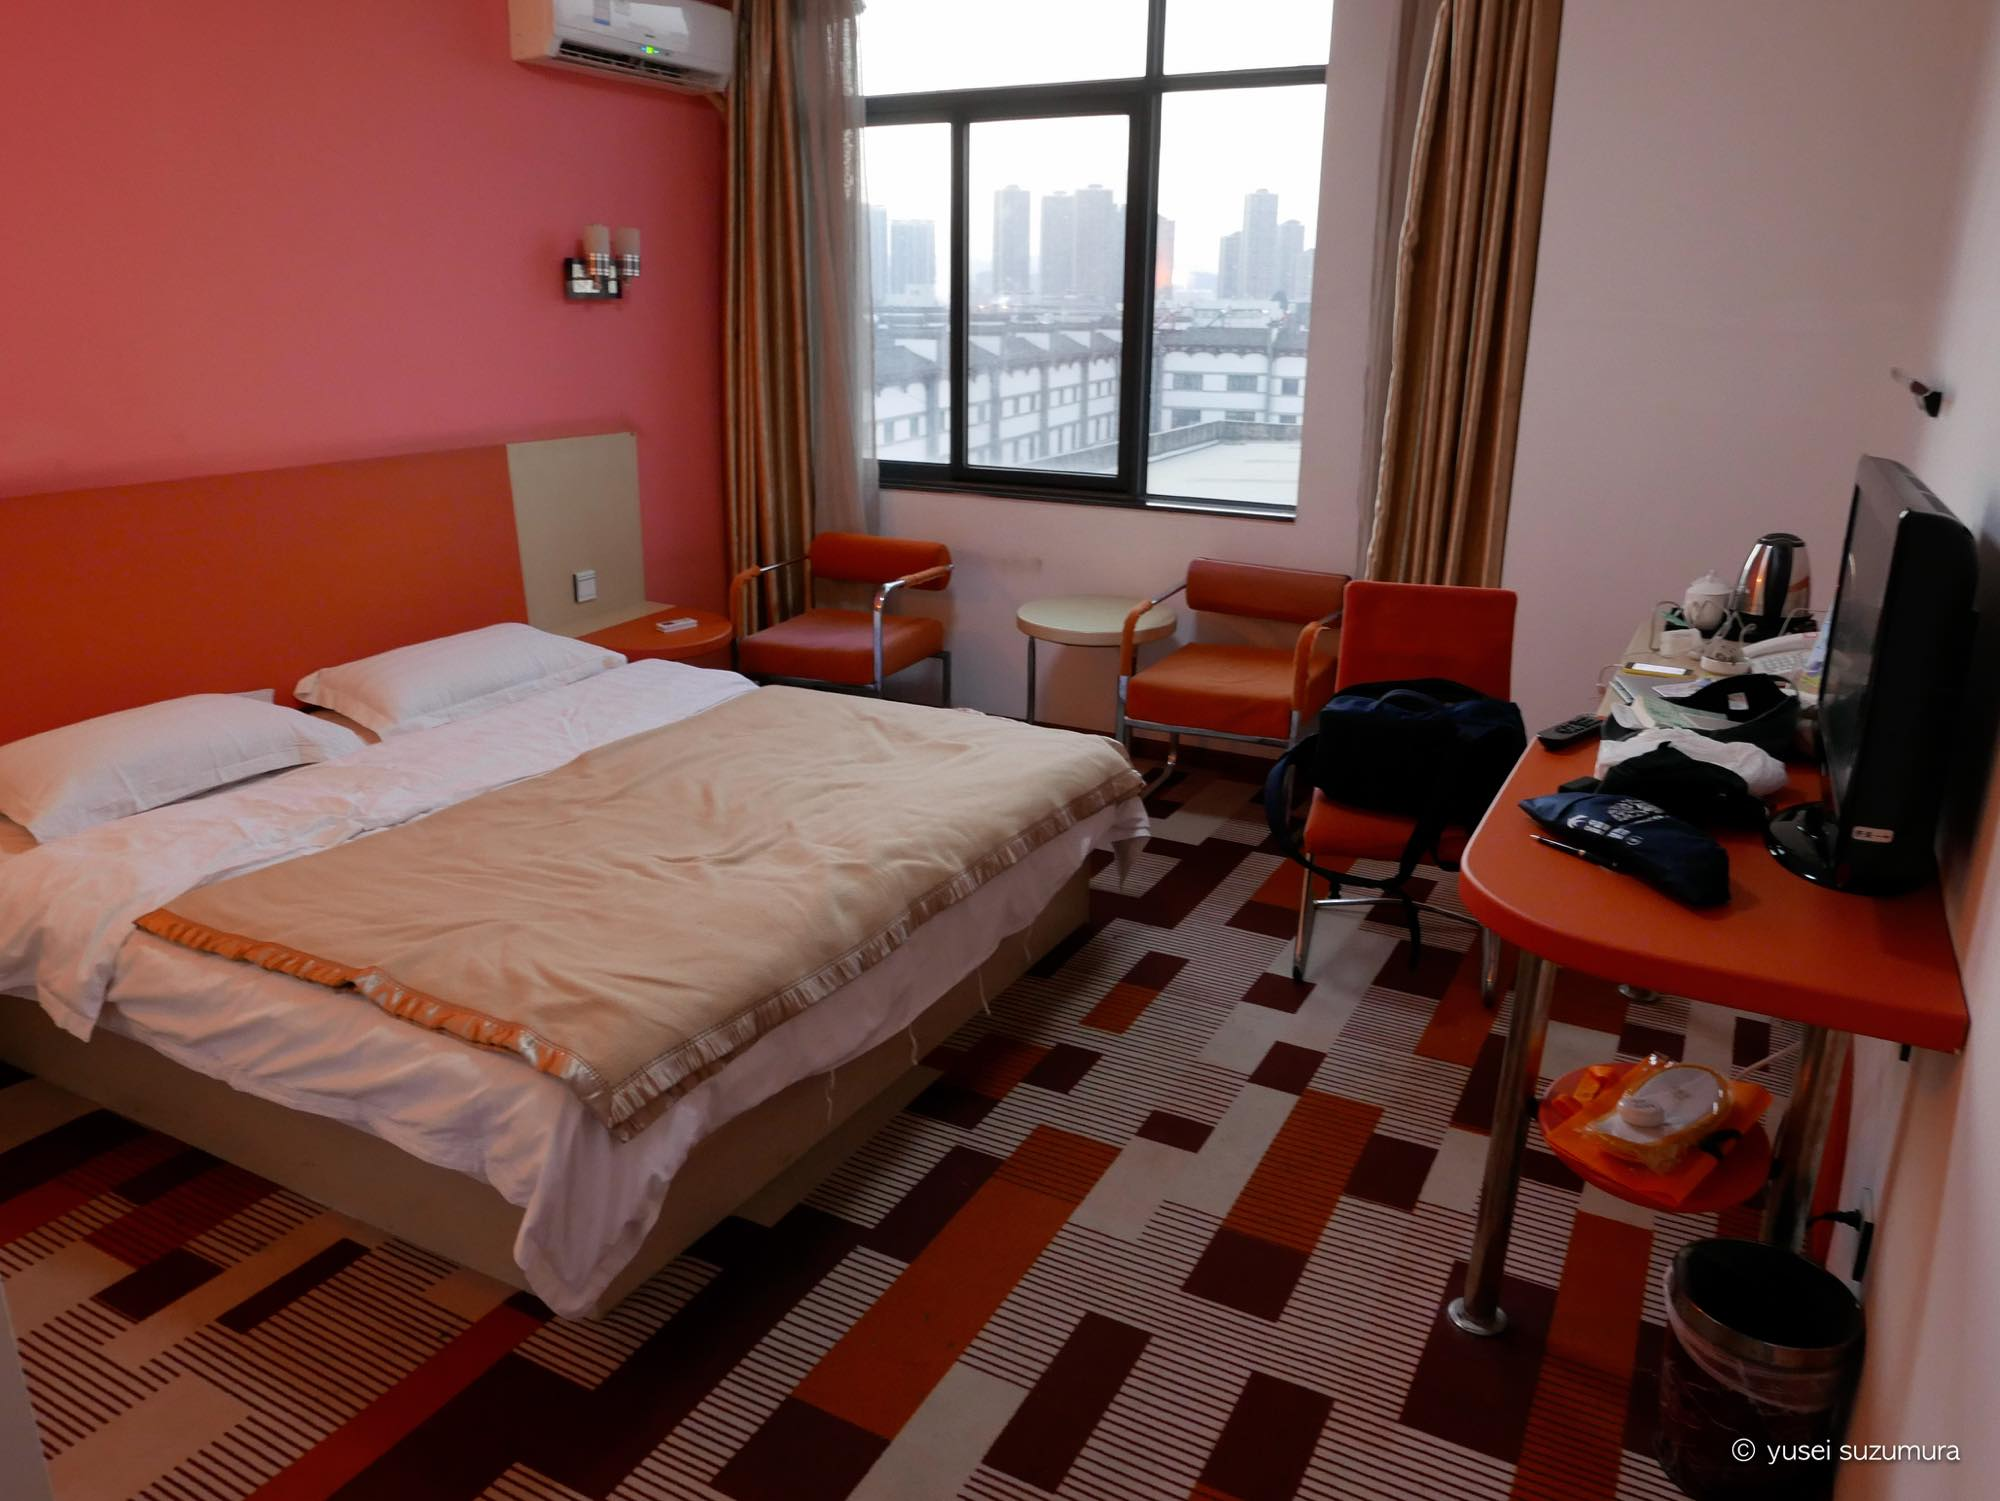 中国東方航空 ホテル 室内